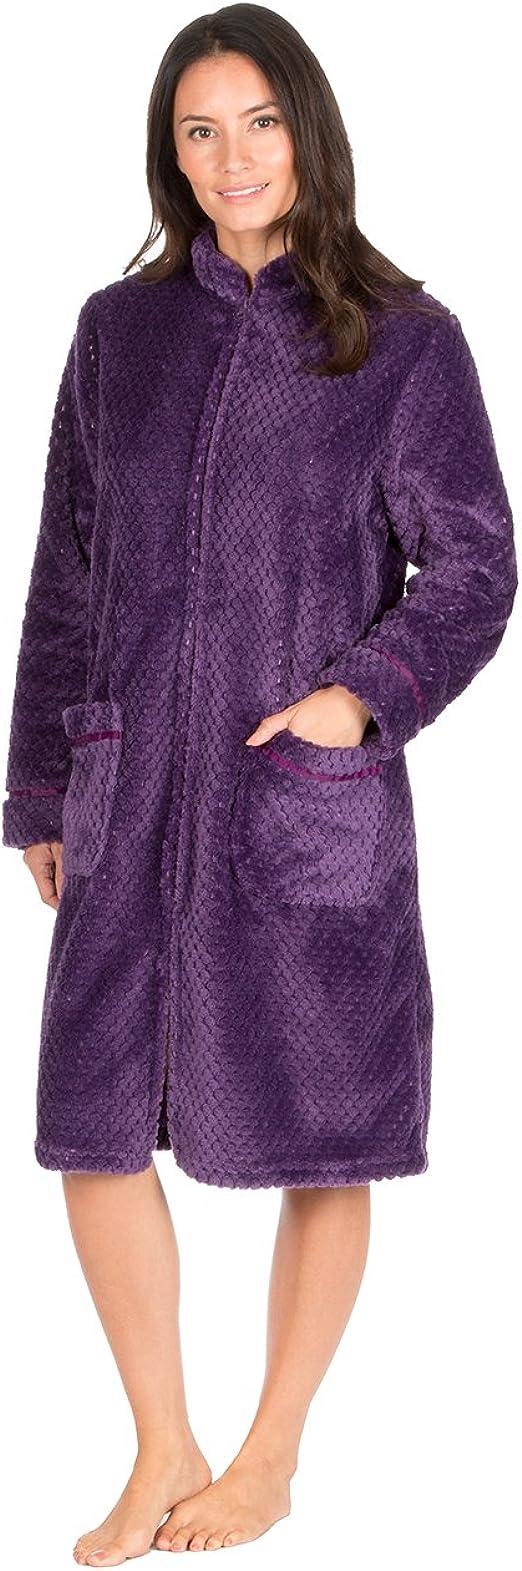 Ladies Waffle Fleece Zip Front Dressing Gown